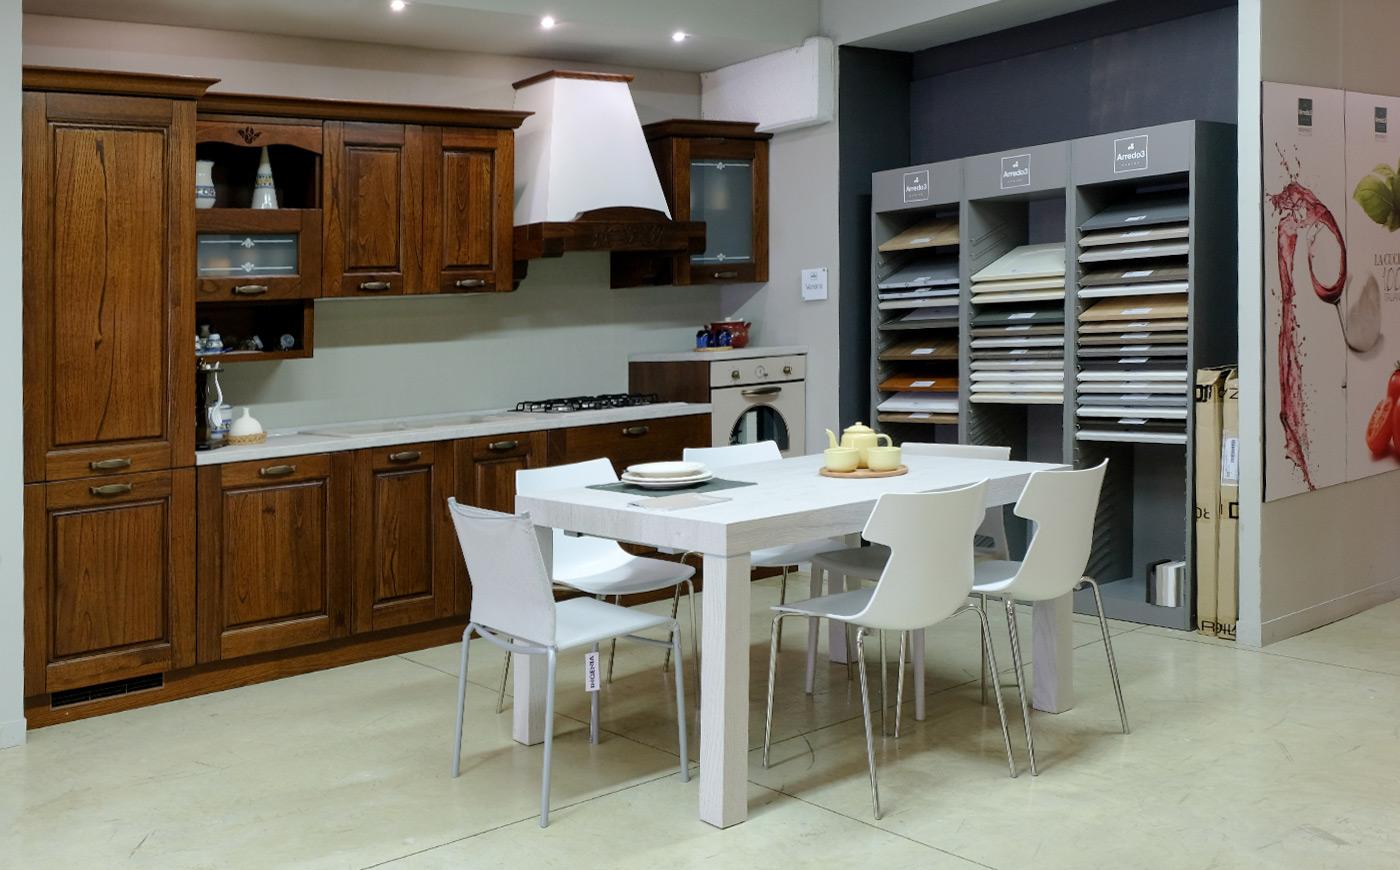 Cucina arredo 3 modello verona dil mobili arredamenti for Mobili arredo cucina